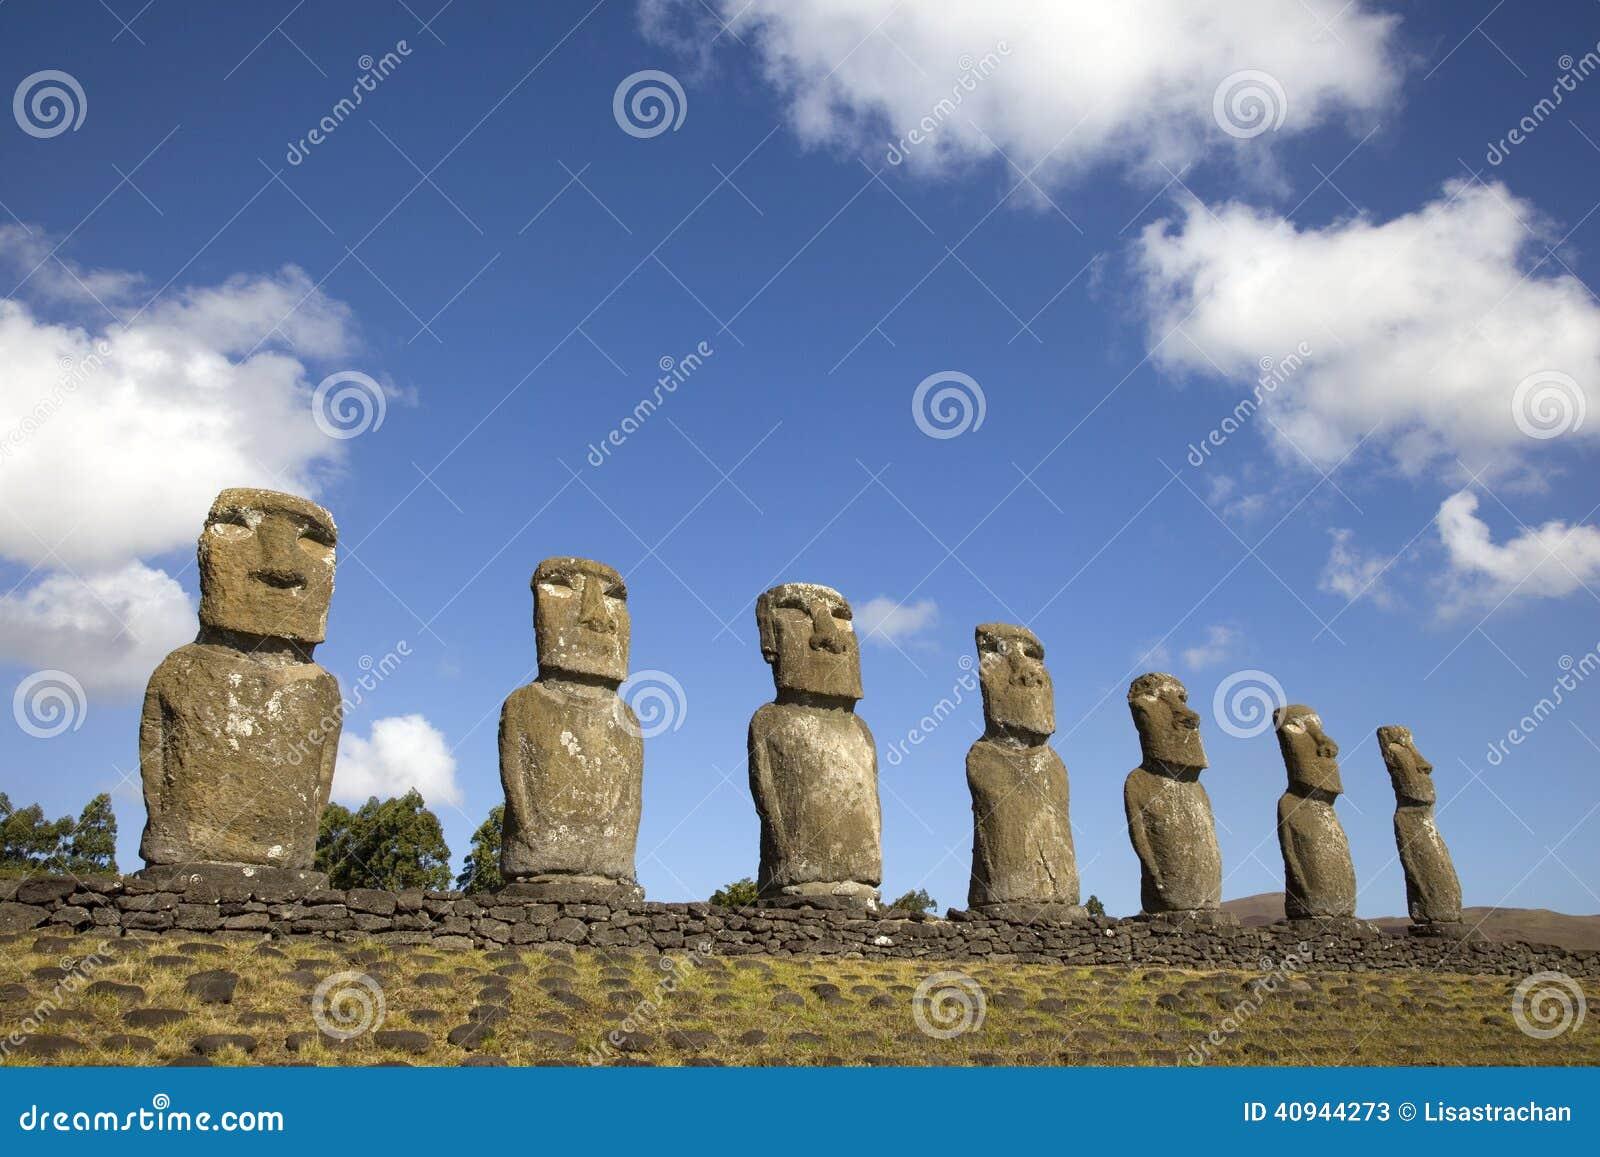 Ahu Akivi Moai, Easter Island, Chile.